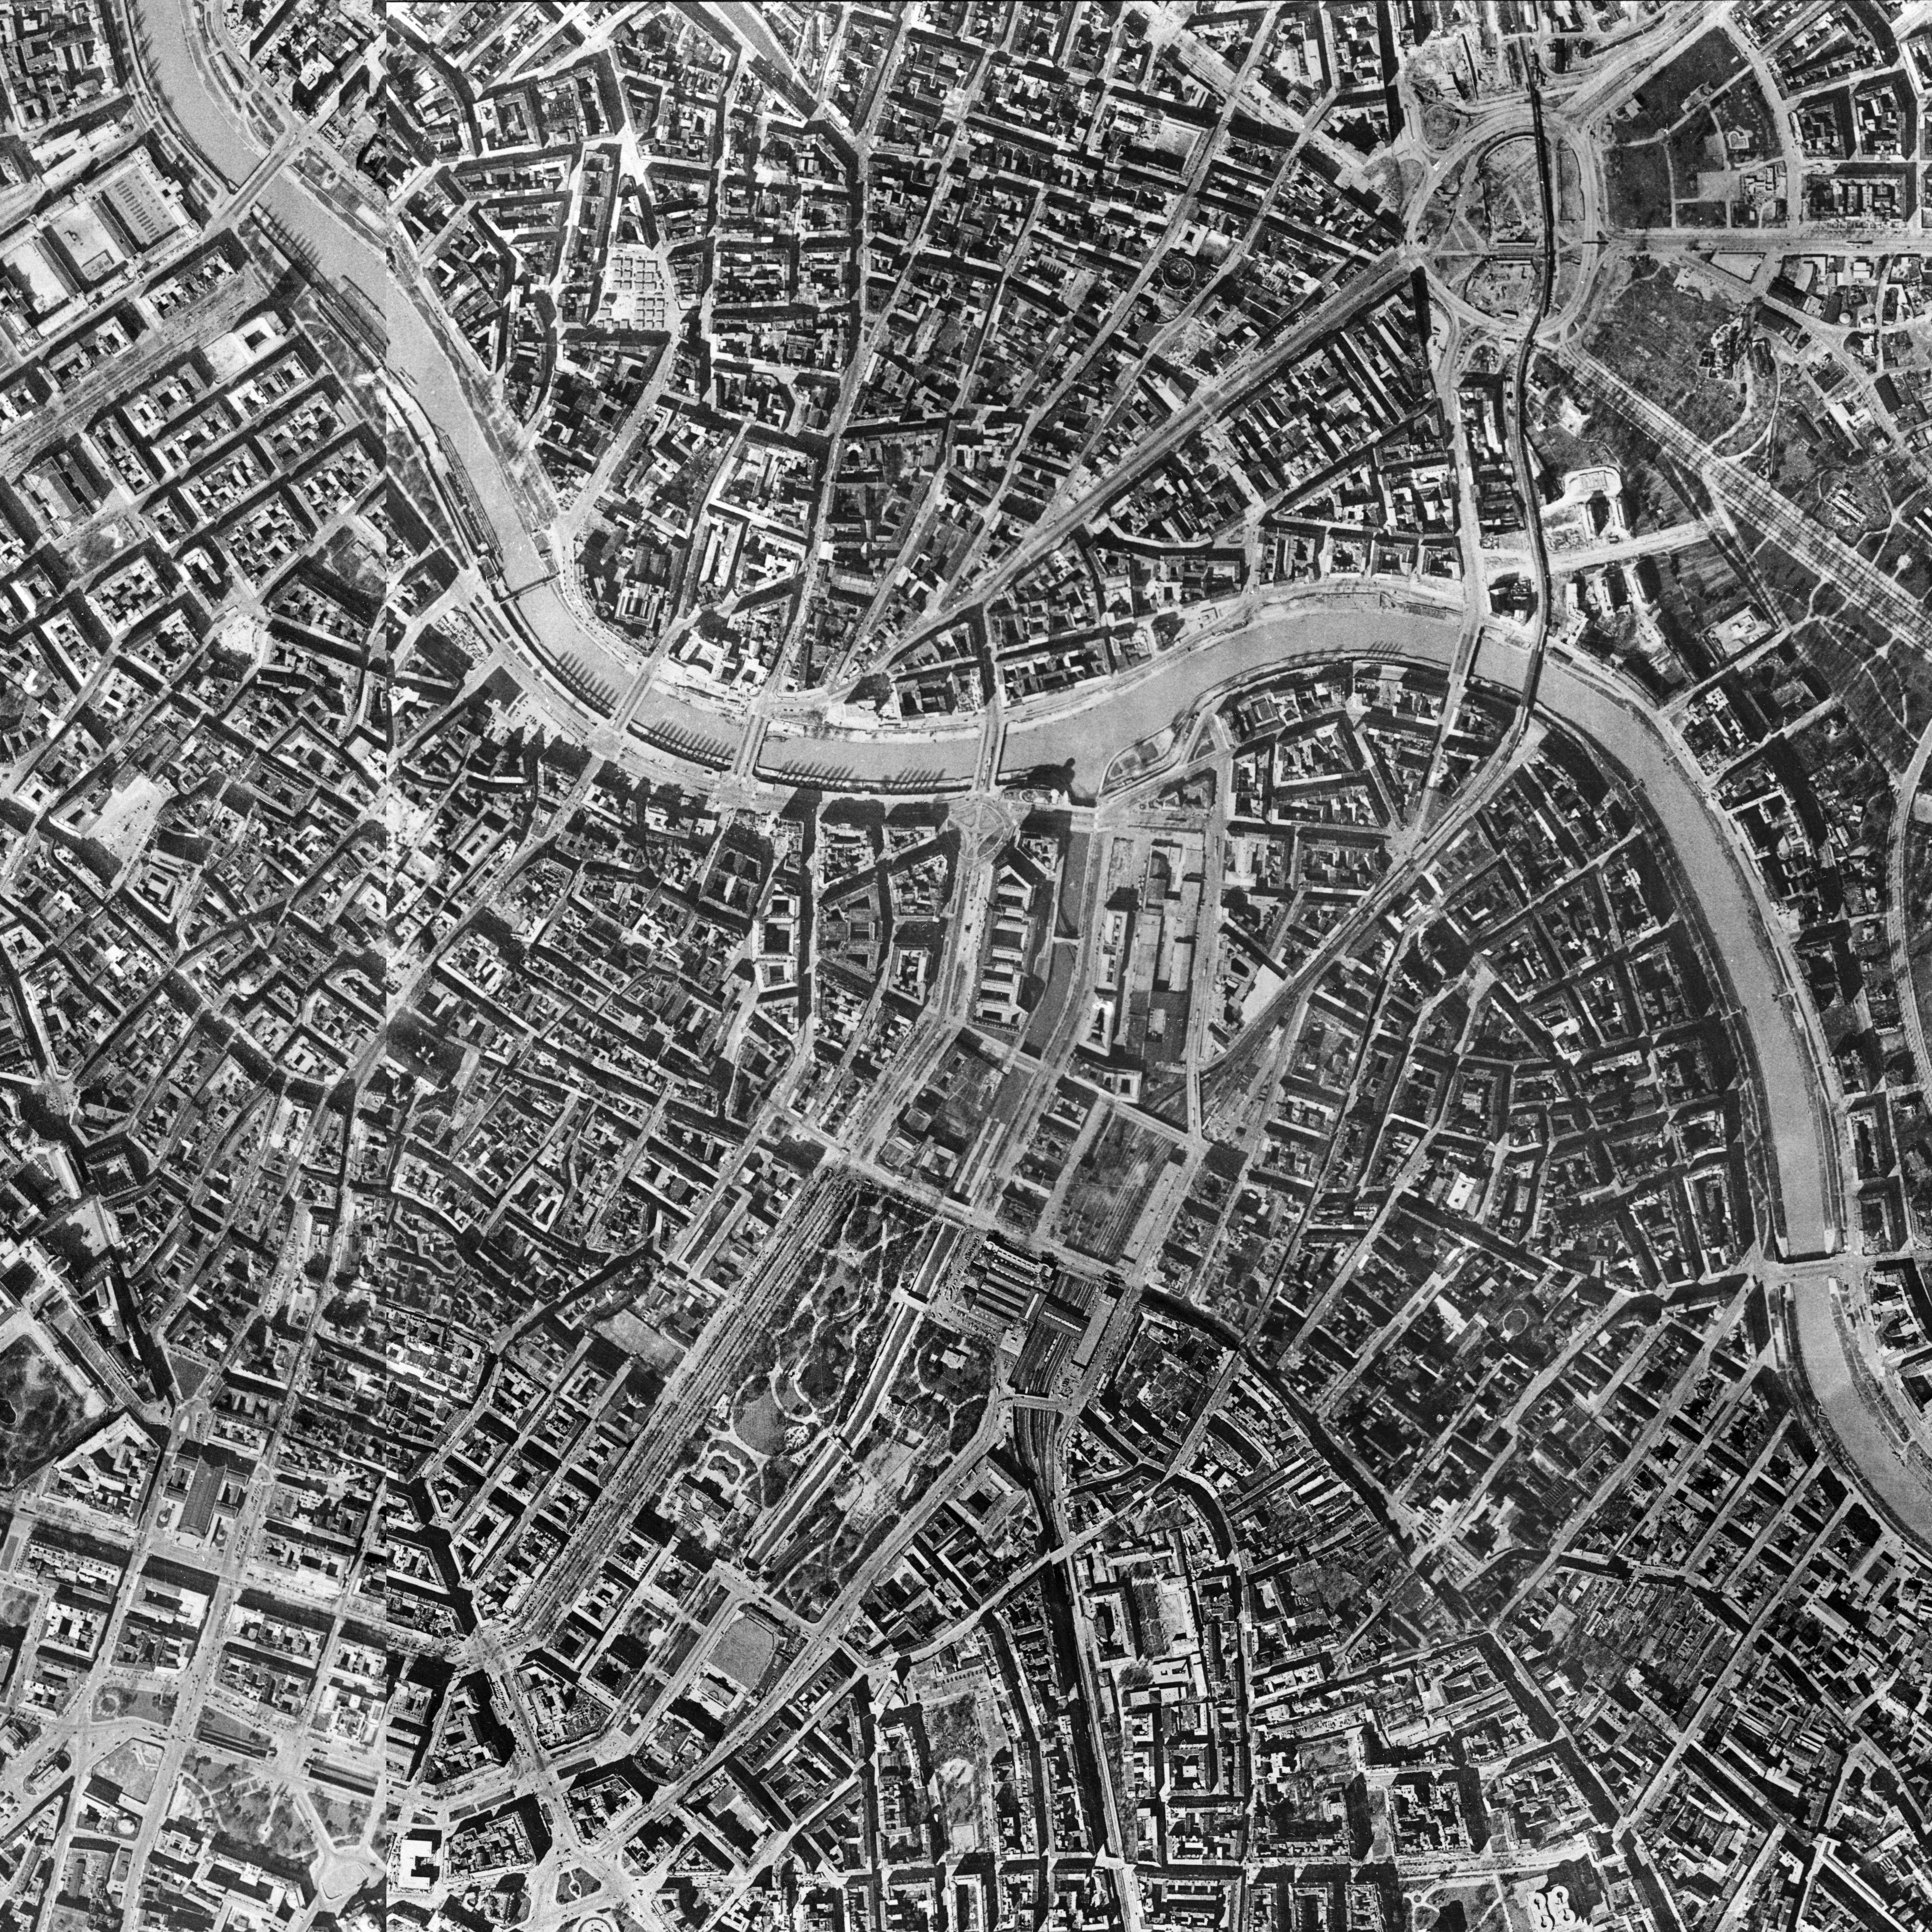 Luftbild Wien 1956_Ausschnitt